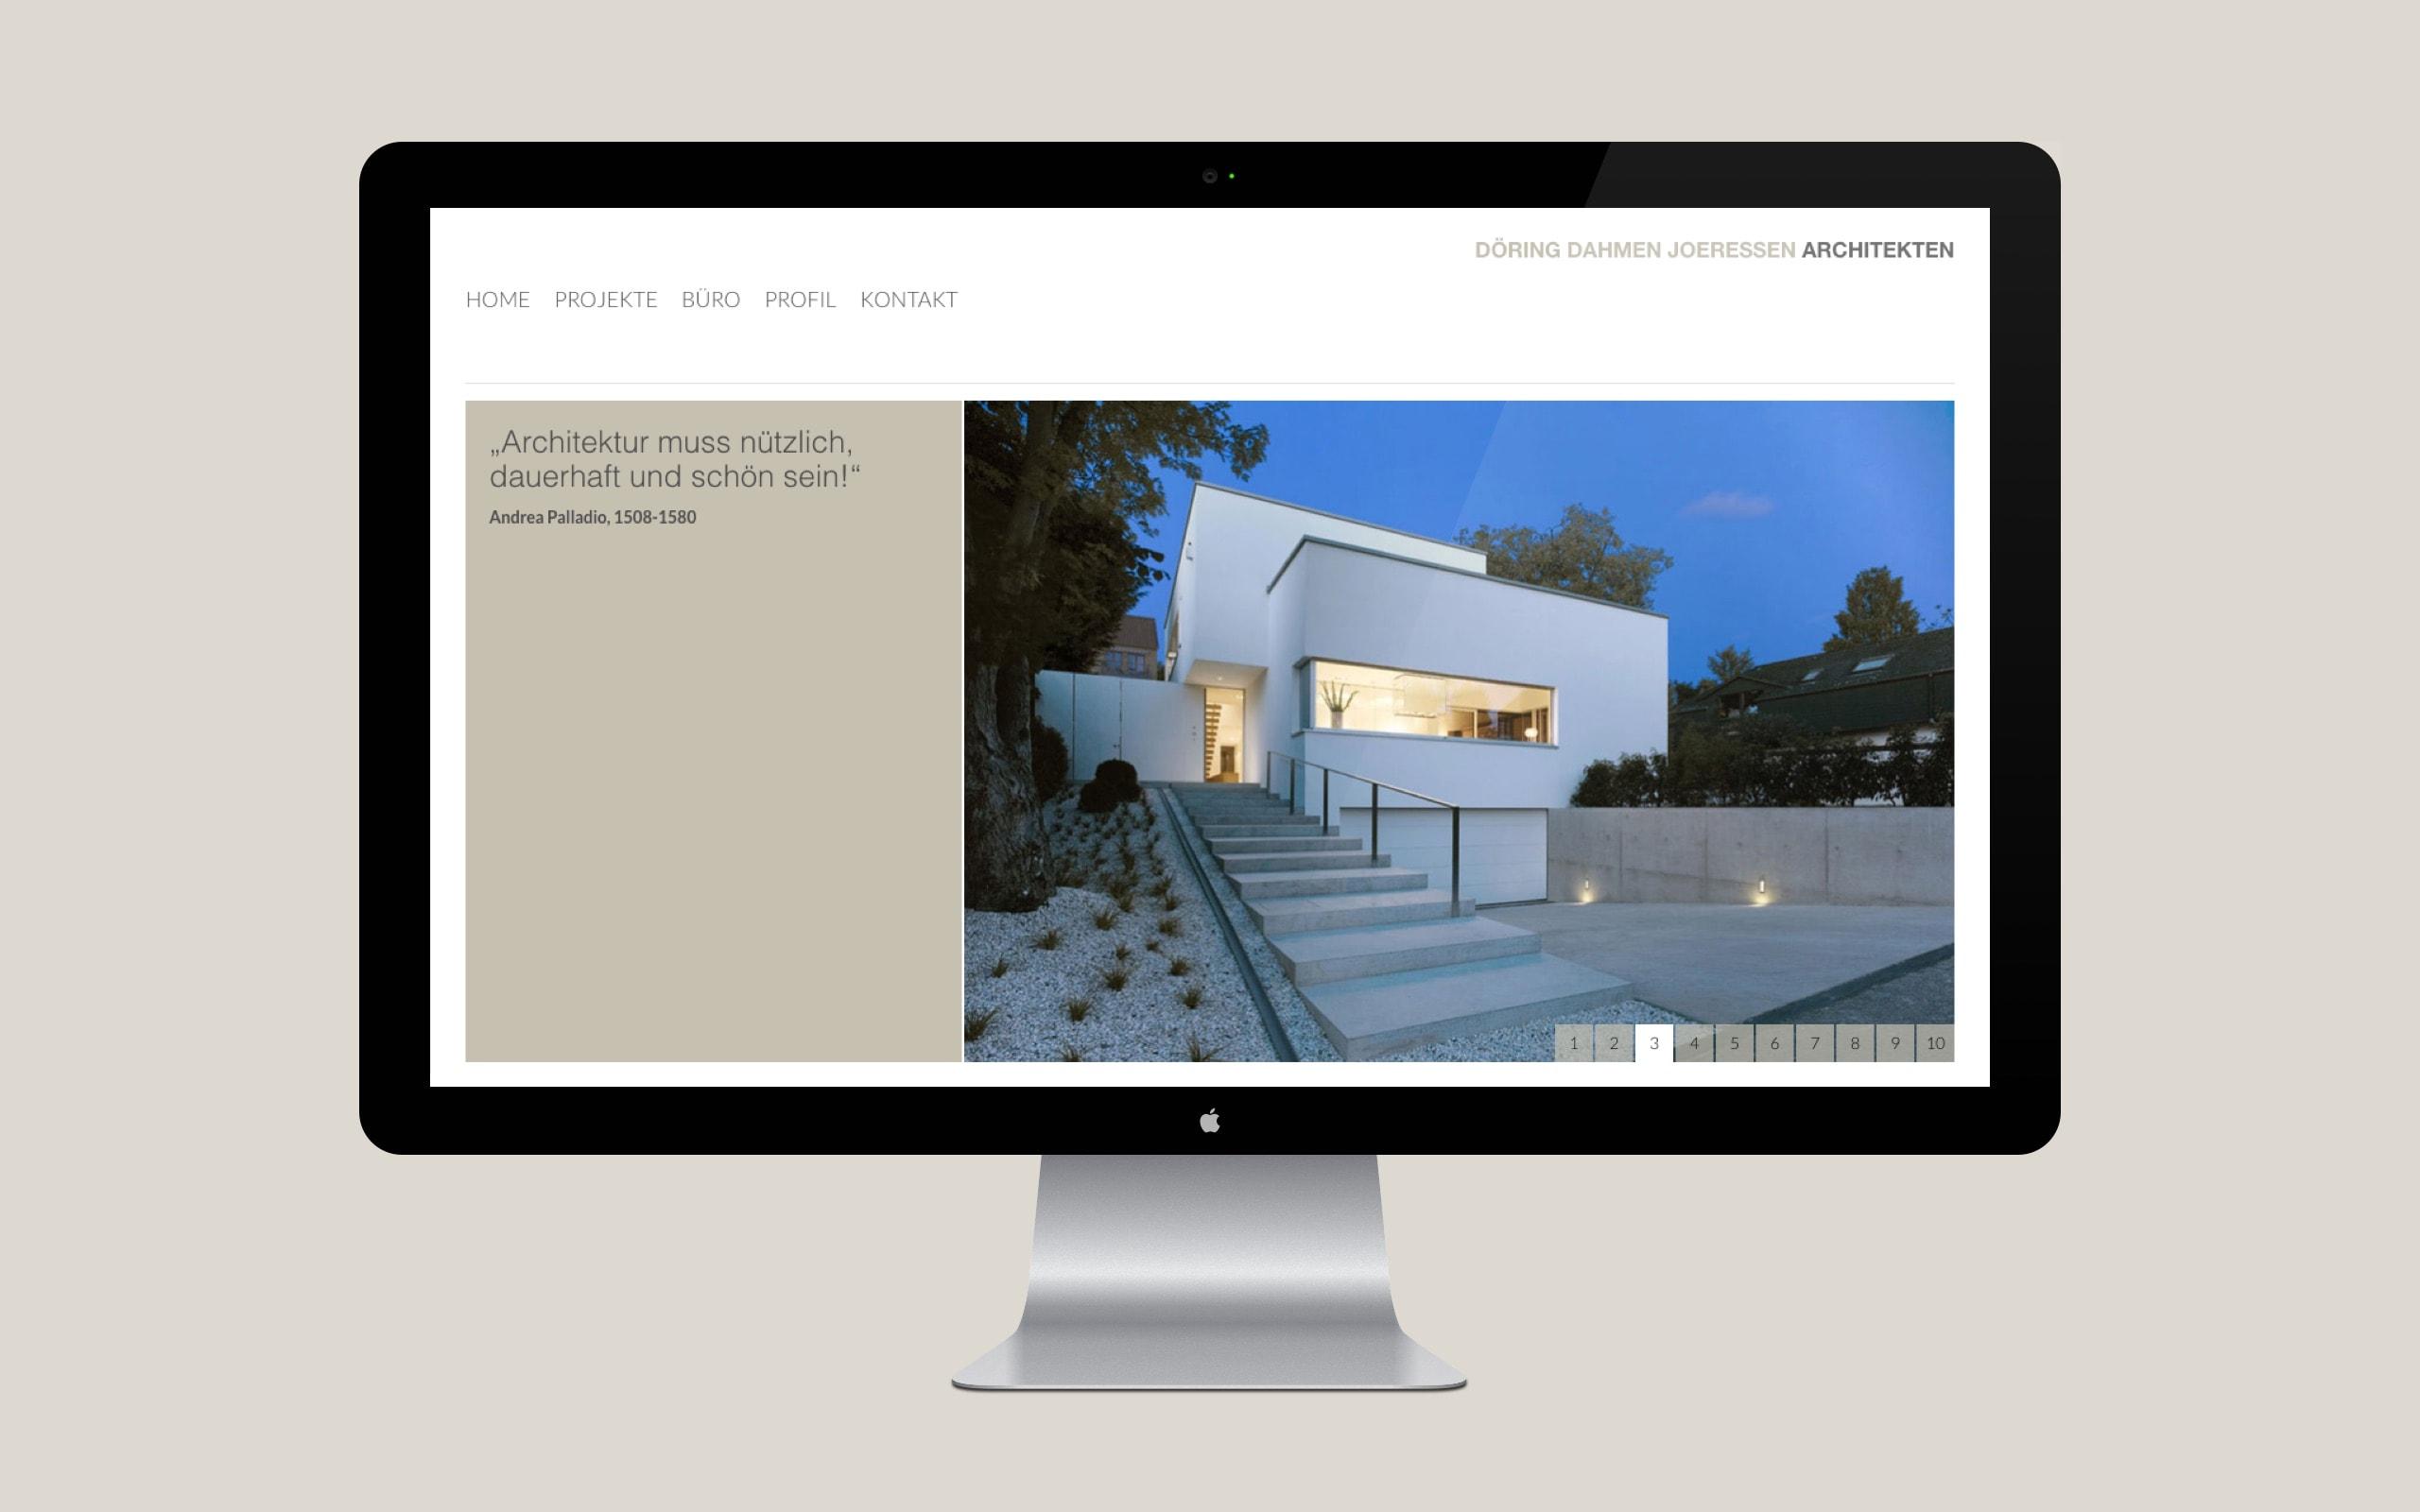 DDJ Architekten Projekt Seite [Desktop]